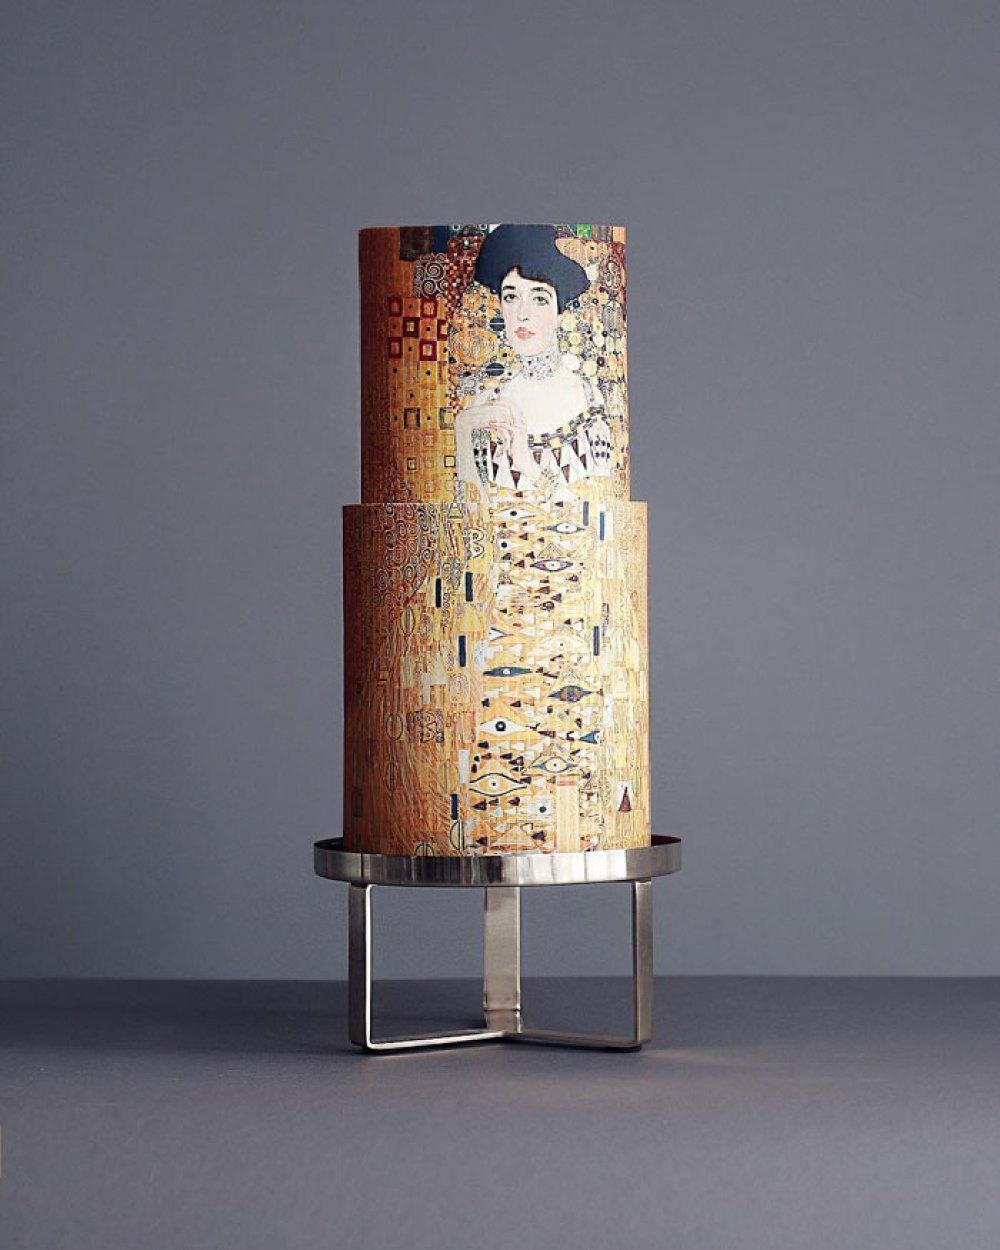 tortik-annushka-artistic-cakes-designs-13-5e82fddbb6a87__700